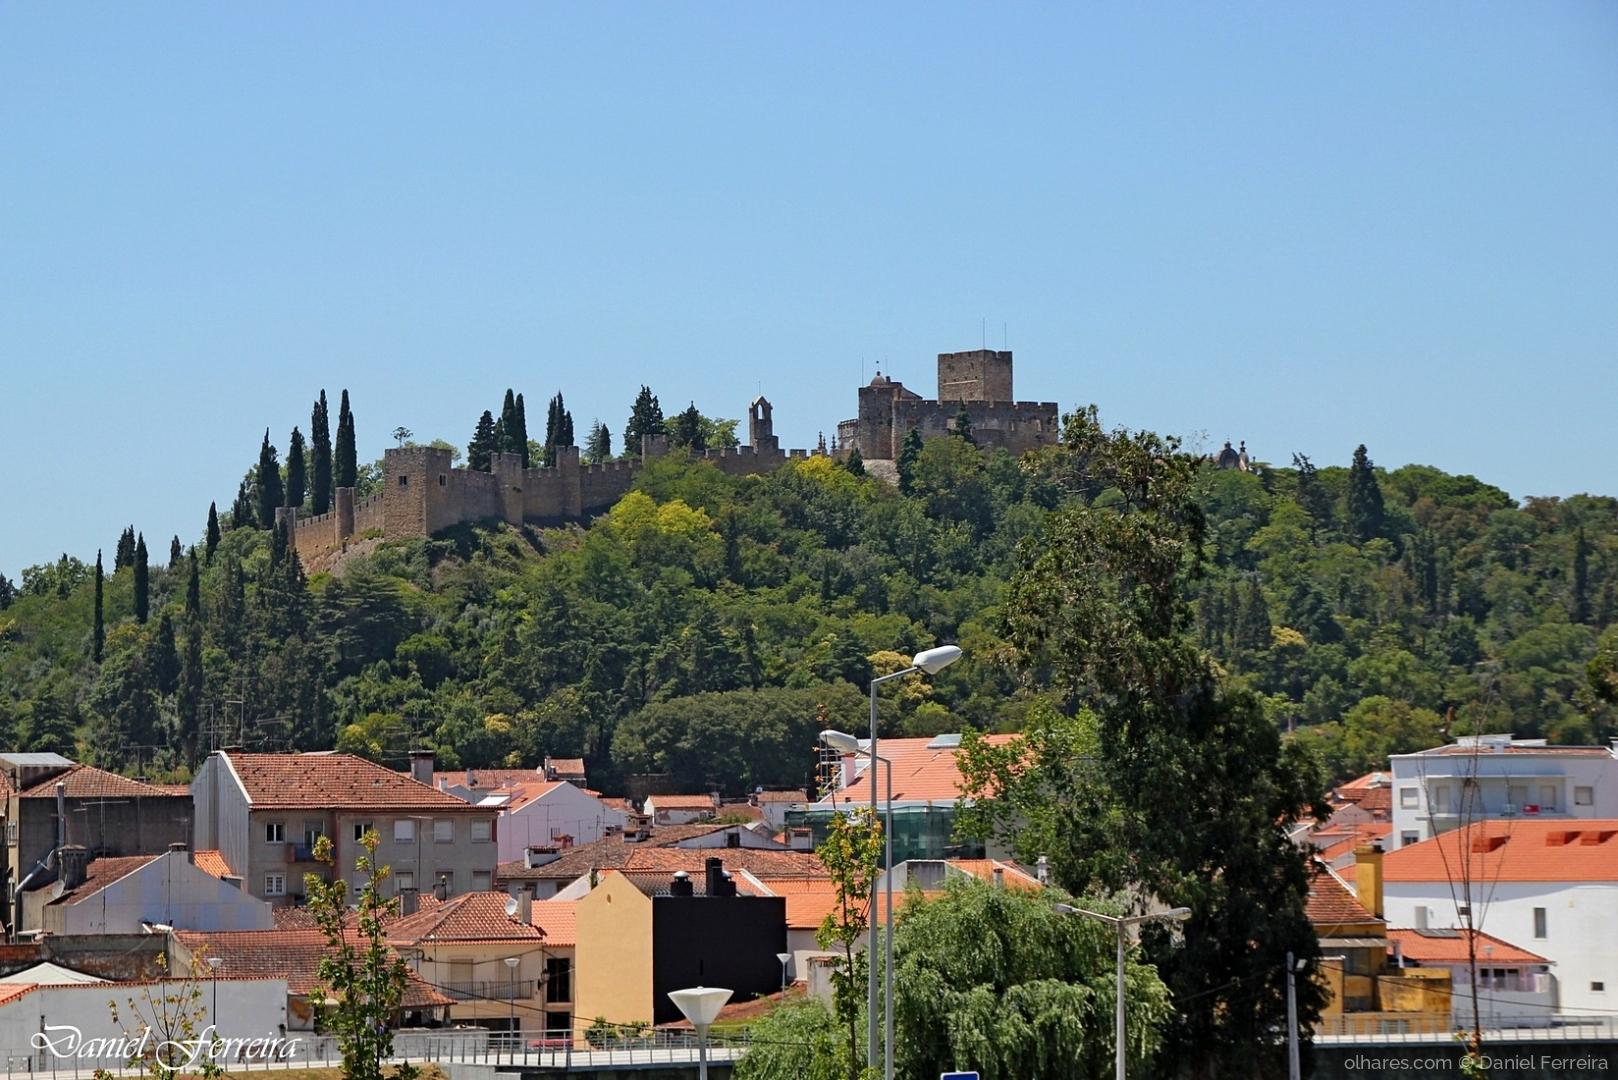 Paisagem Urbana/Castelo de Tomar